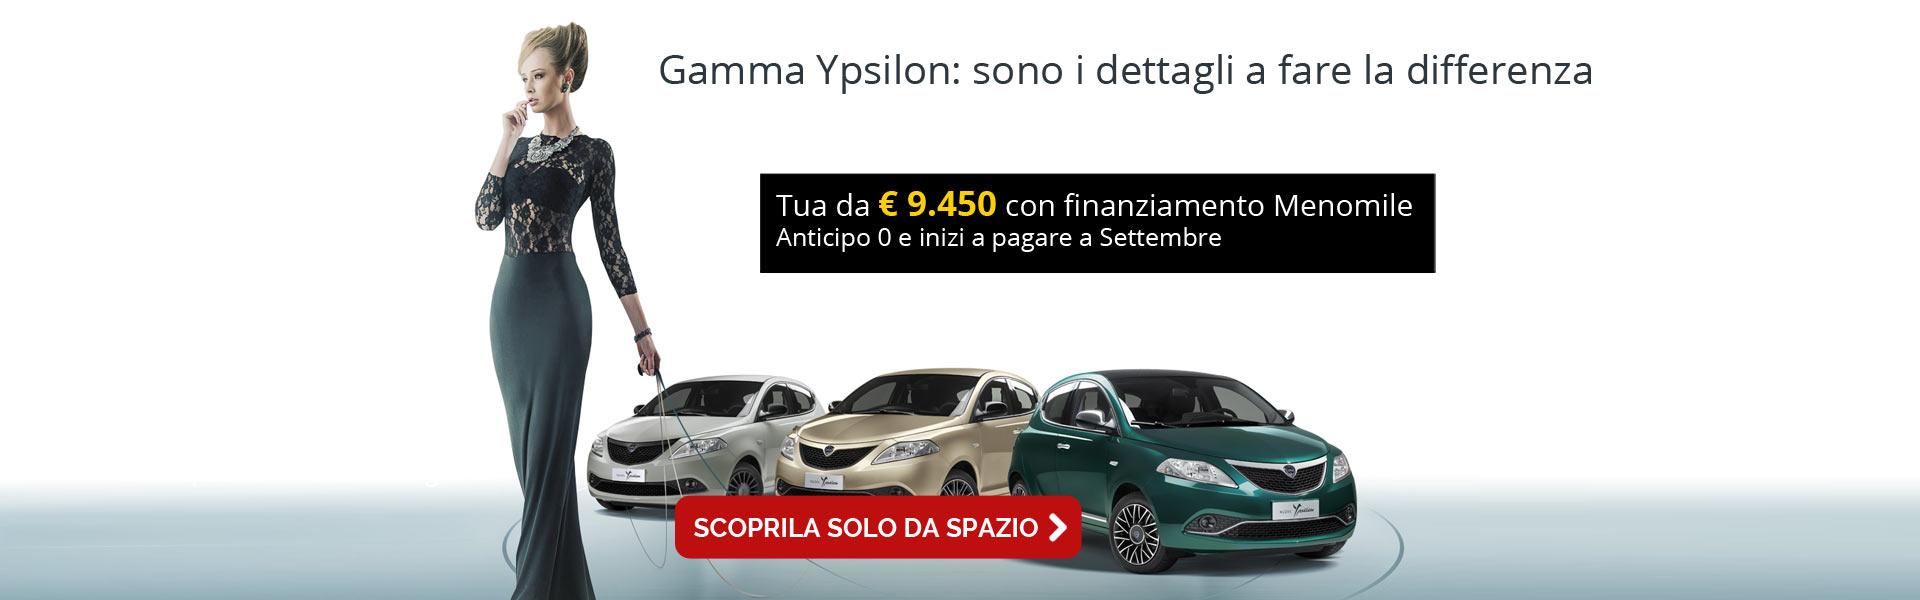 Lancia Ypsilon Elefantino Blu